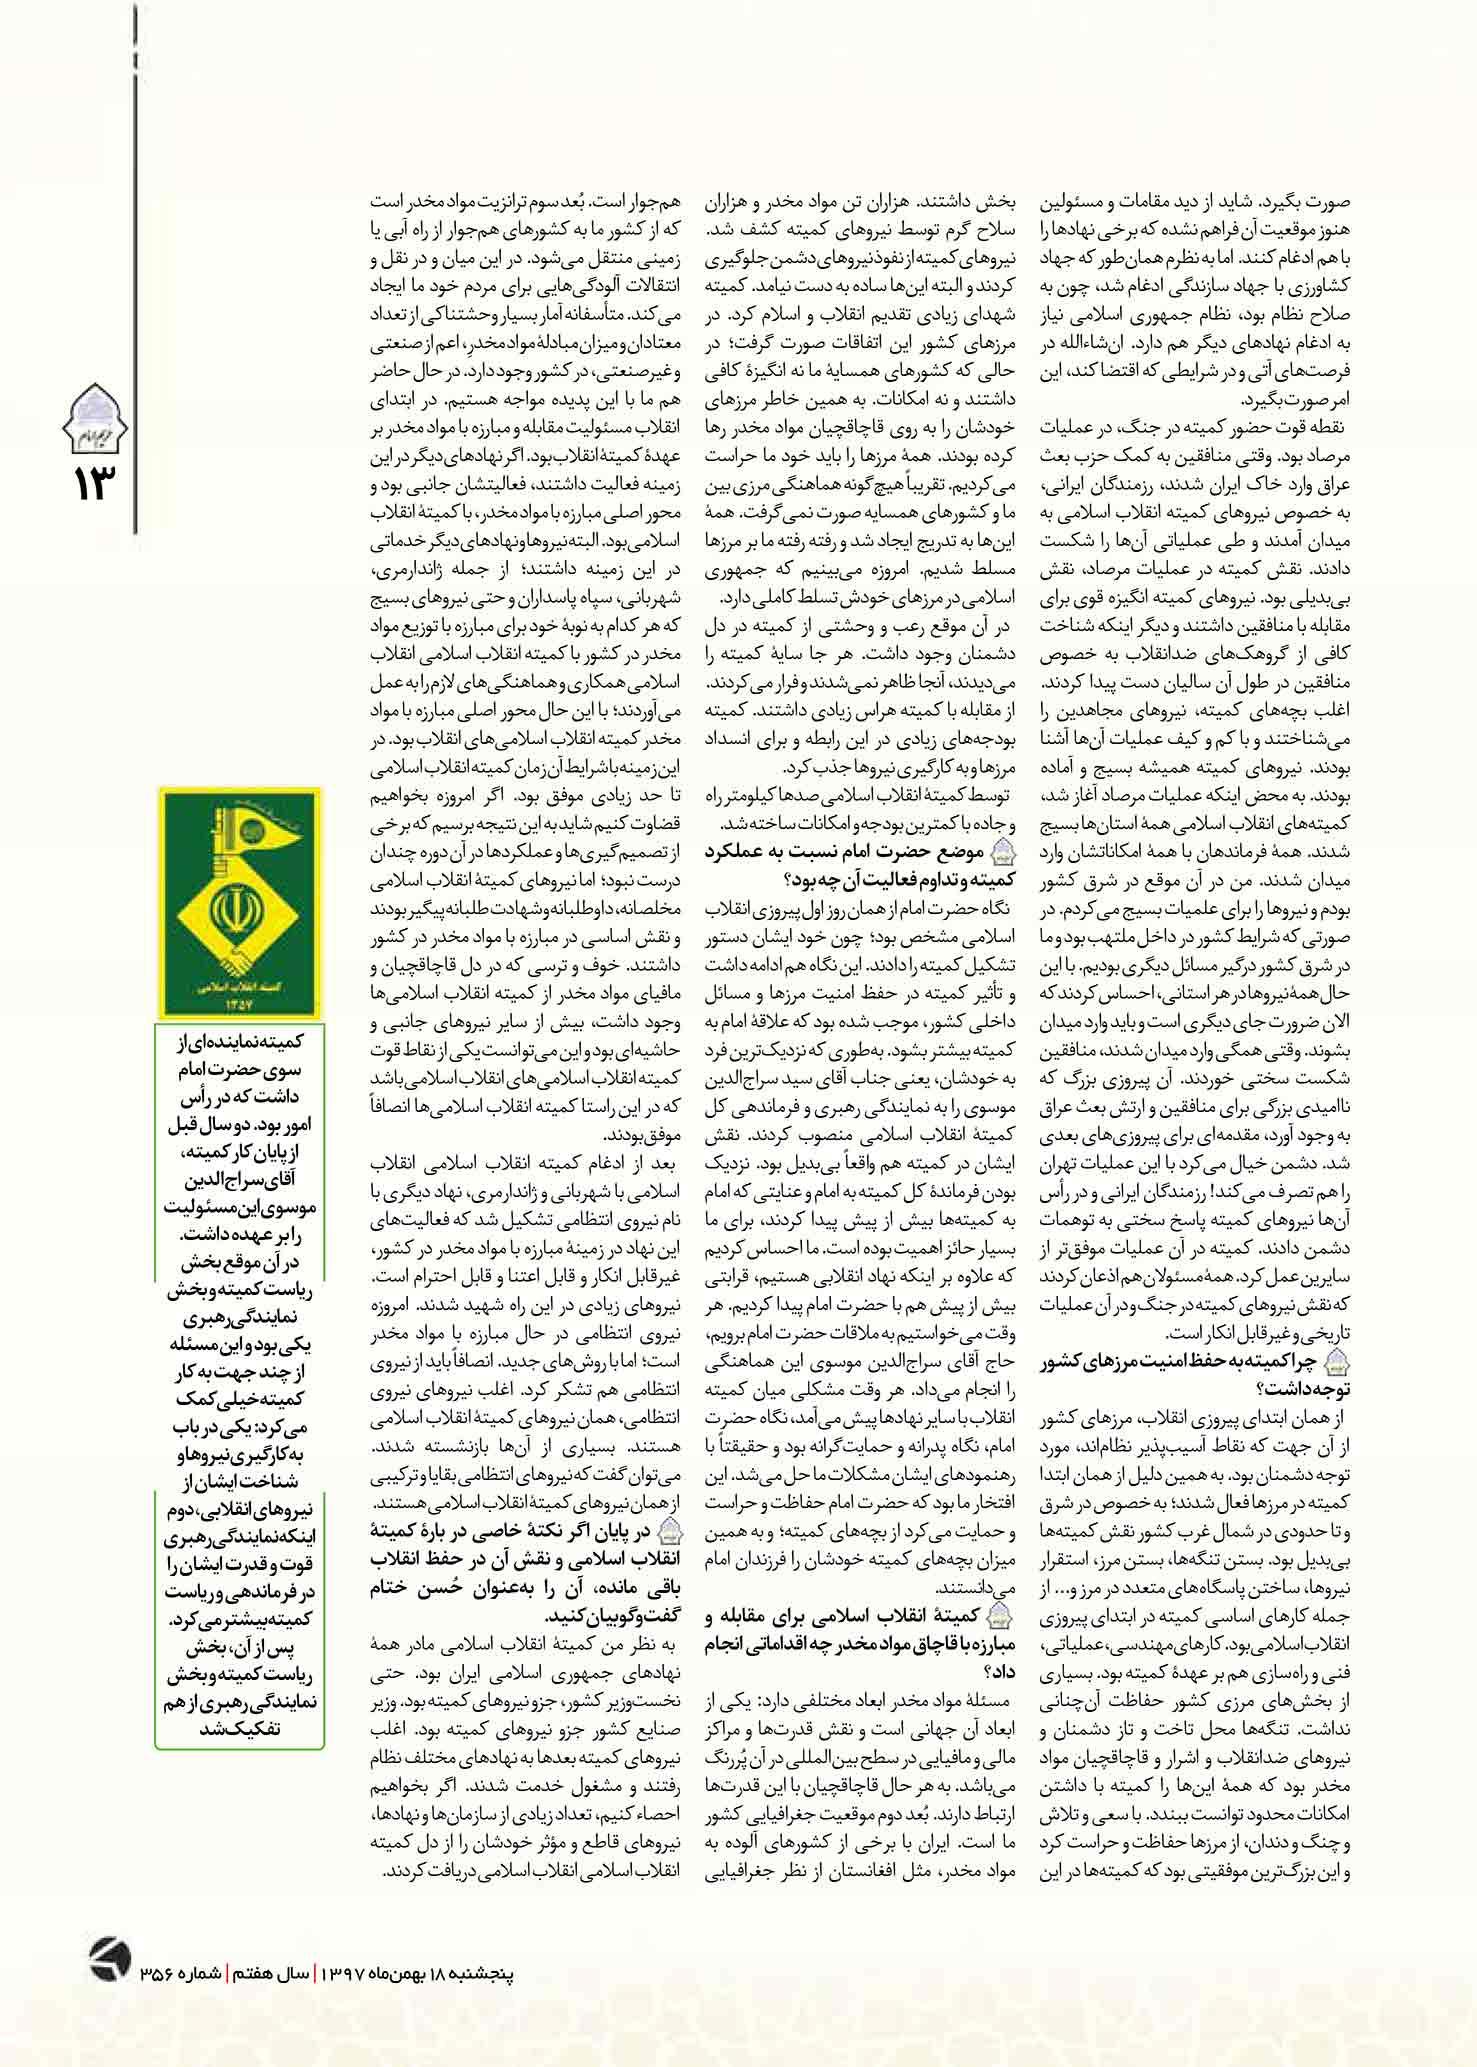 D:\خلوجینی\New folder\@harim_emam356-13.jpg